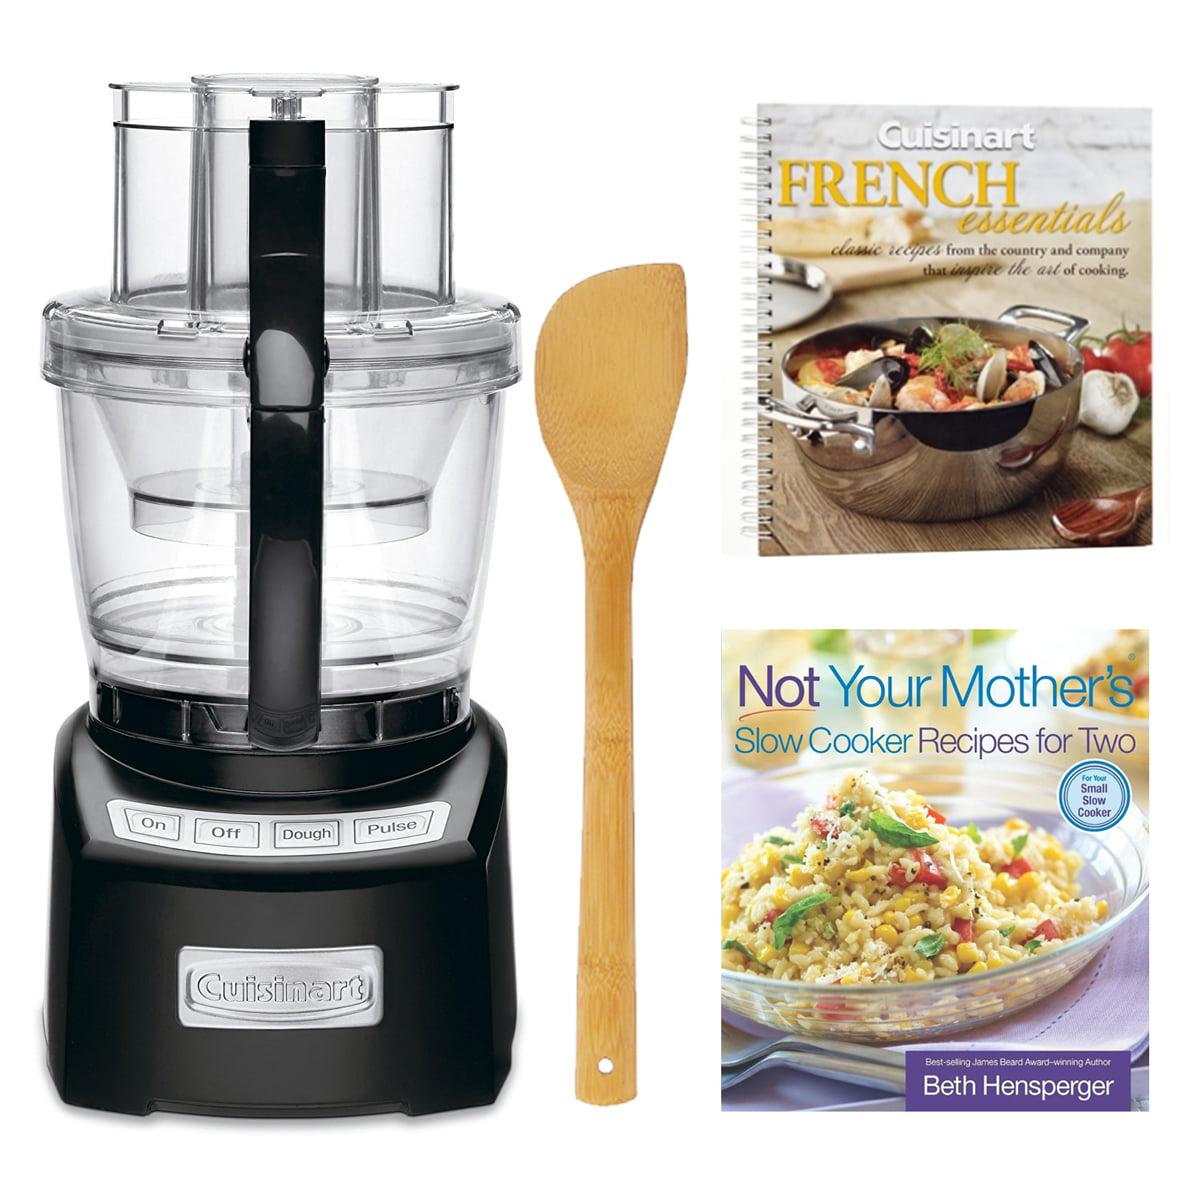 Cuisinart Elite 14-Cup Food Processor + 2 Cookbooks and Stir Fry Spatula